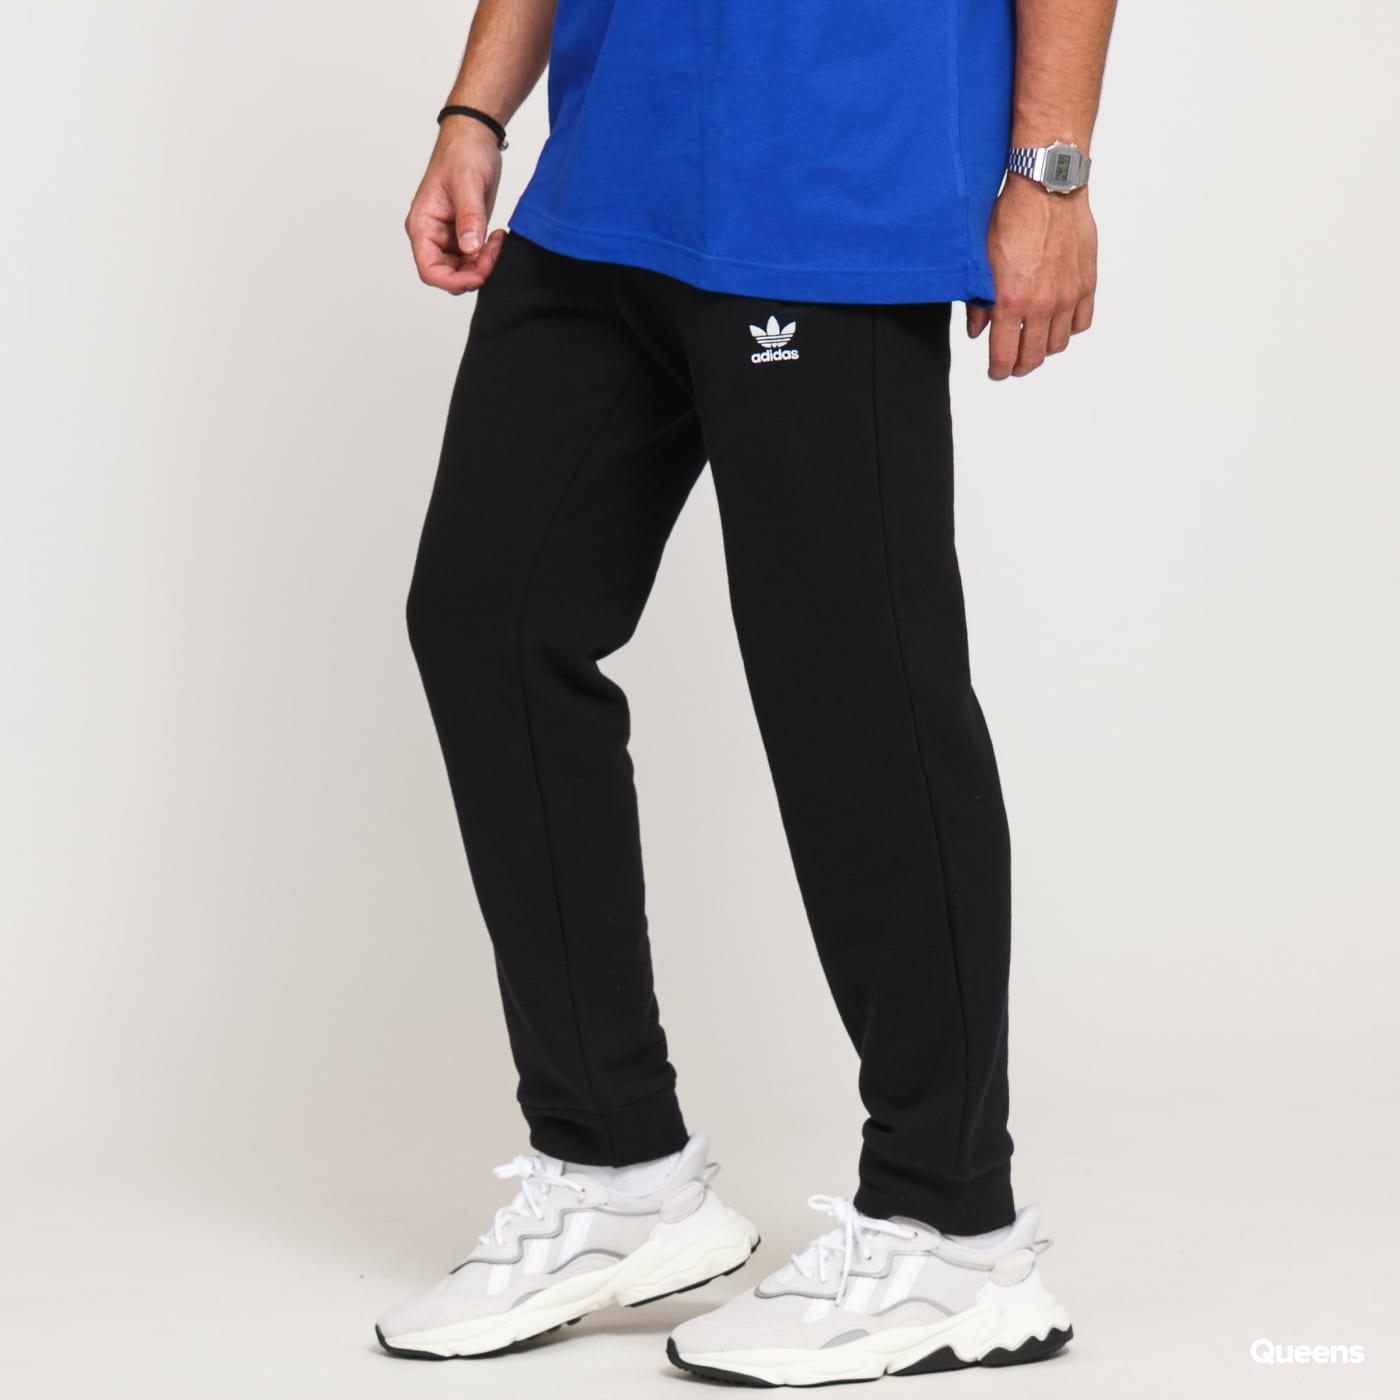 adidas Originals Trefoil Pant black